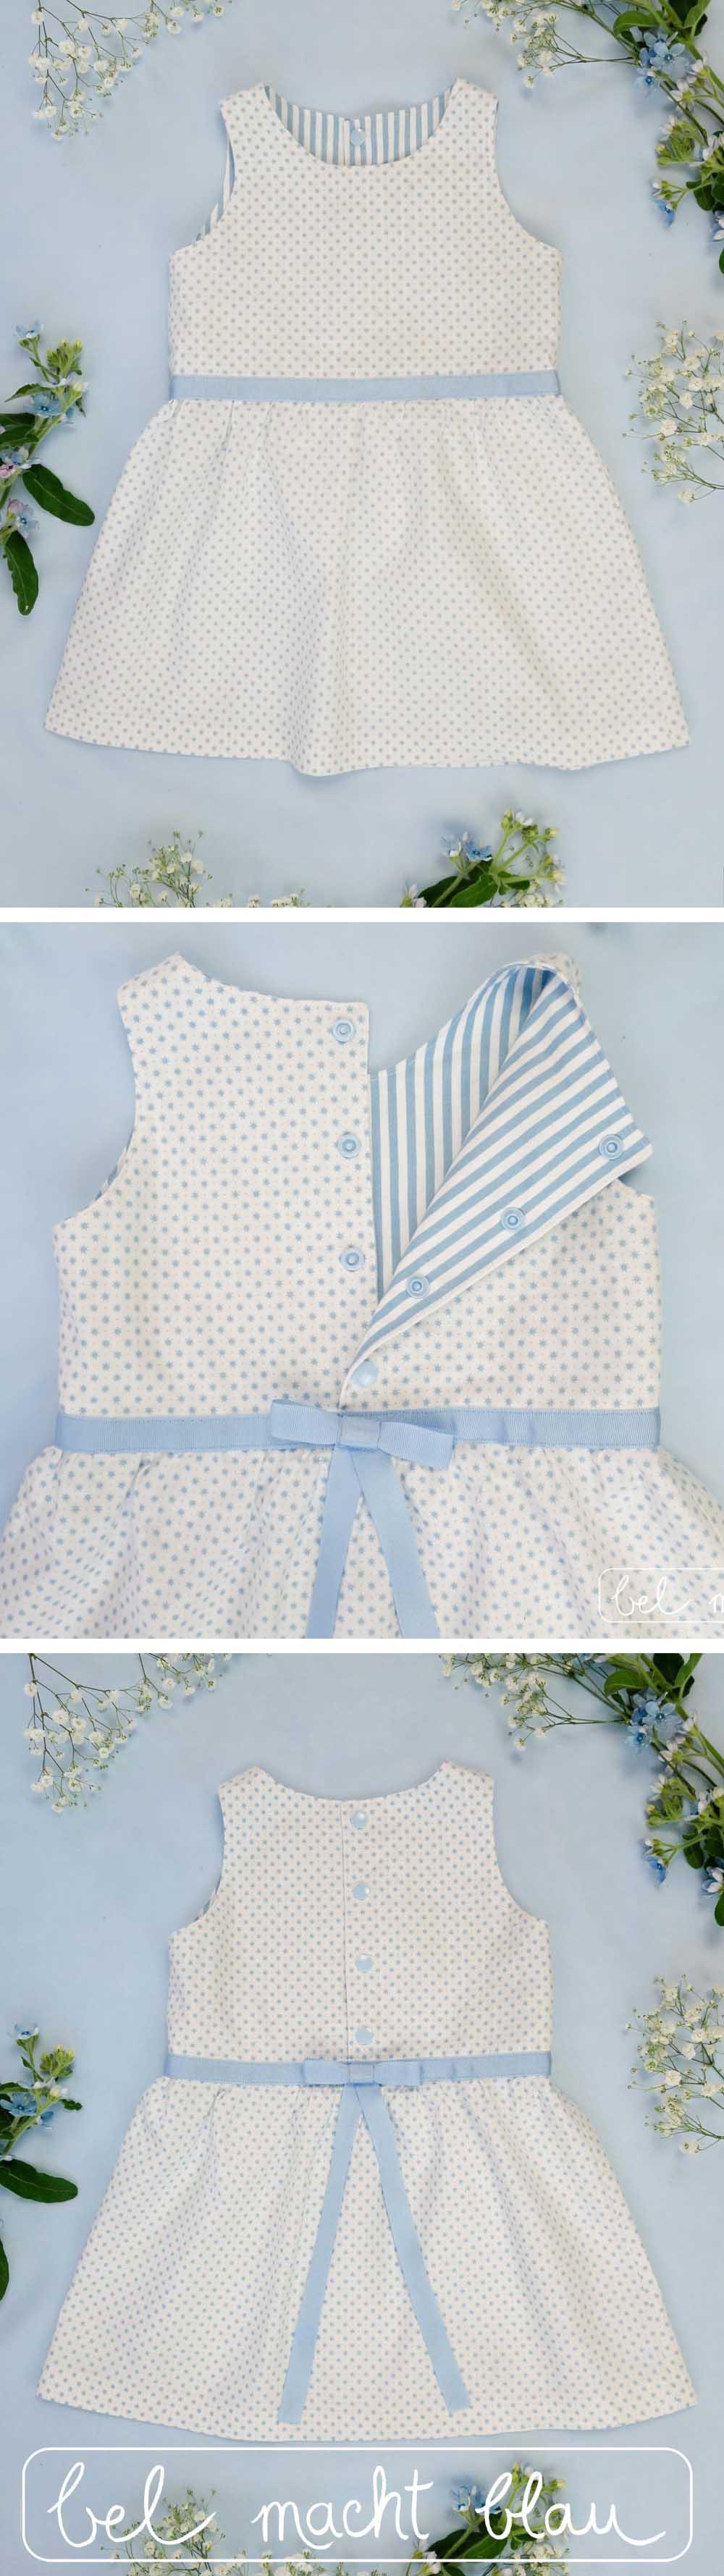 Blumenkinder-Mädchenkleid selber nähen // Familienhochzeit // Hochzeitsinspiration // Knoopkleed von Groeny